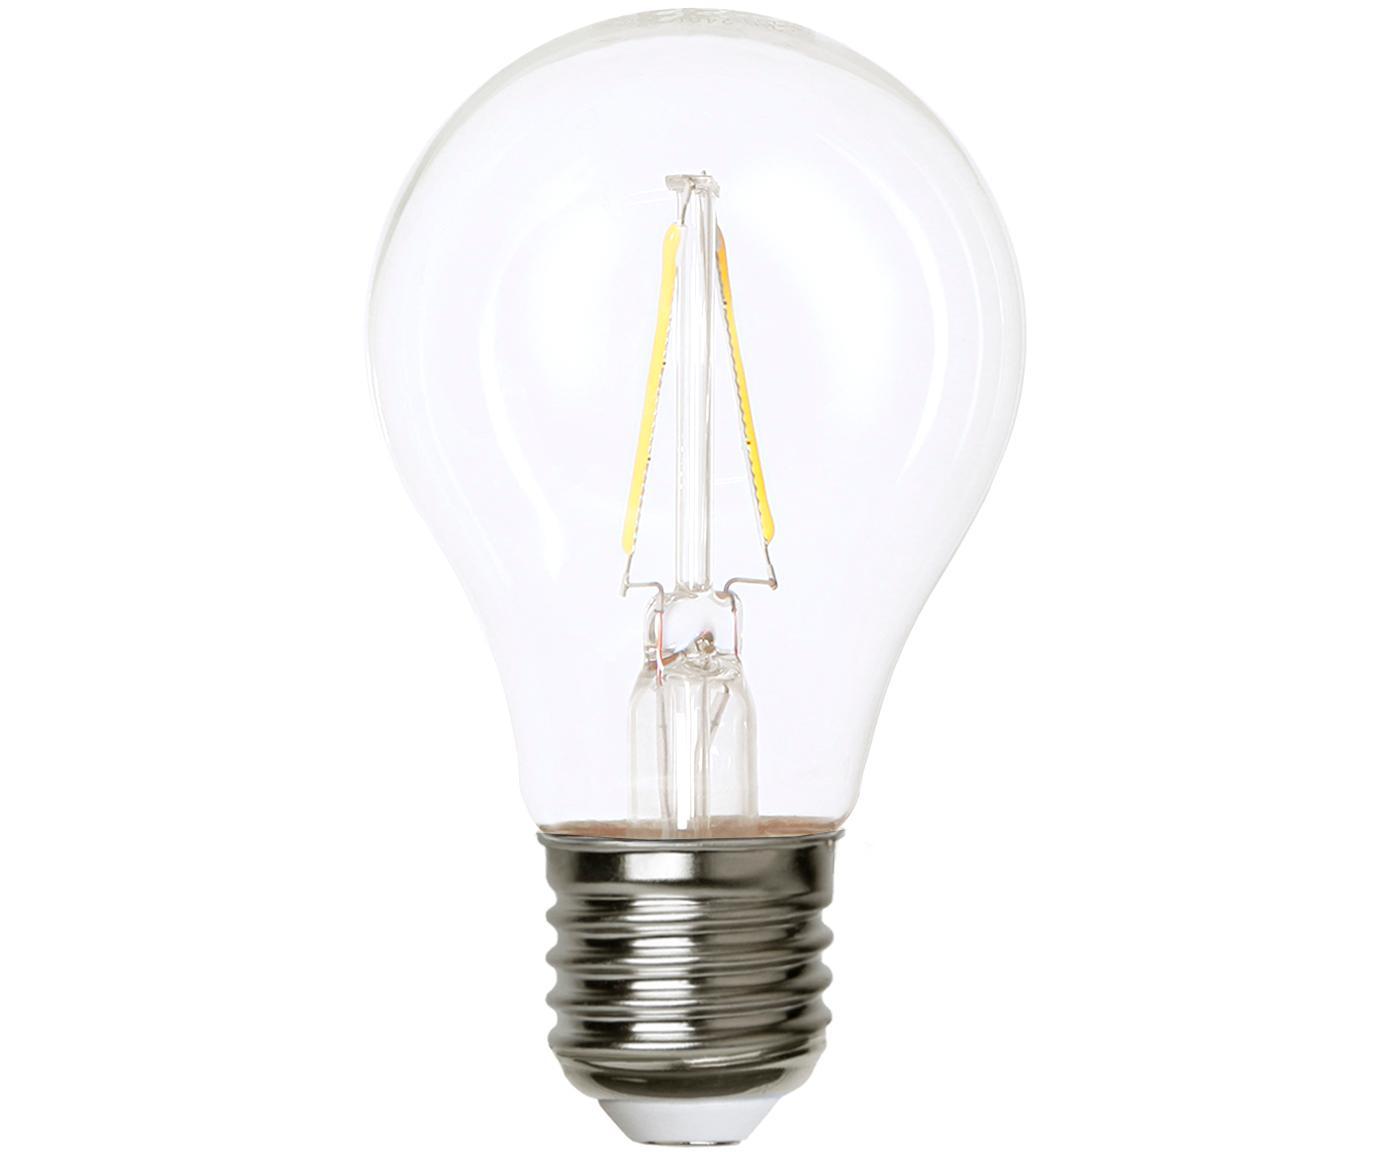 LED Leuchtmittel Airtight Two (E27/2W), 5 Stück, Leuchtmittelschirm: Glas, Leuchtmittelfassung: Kupfer, vernickelt, Transparent, Nickel, Ø 6 x H 11 cm